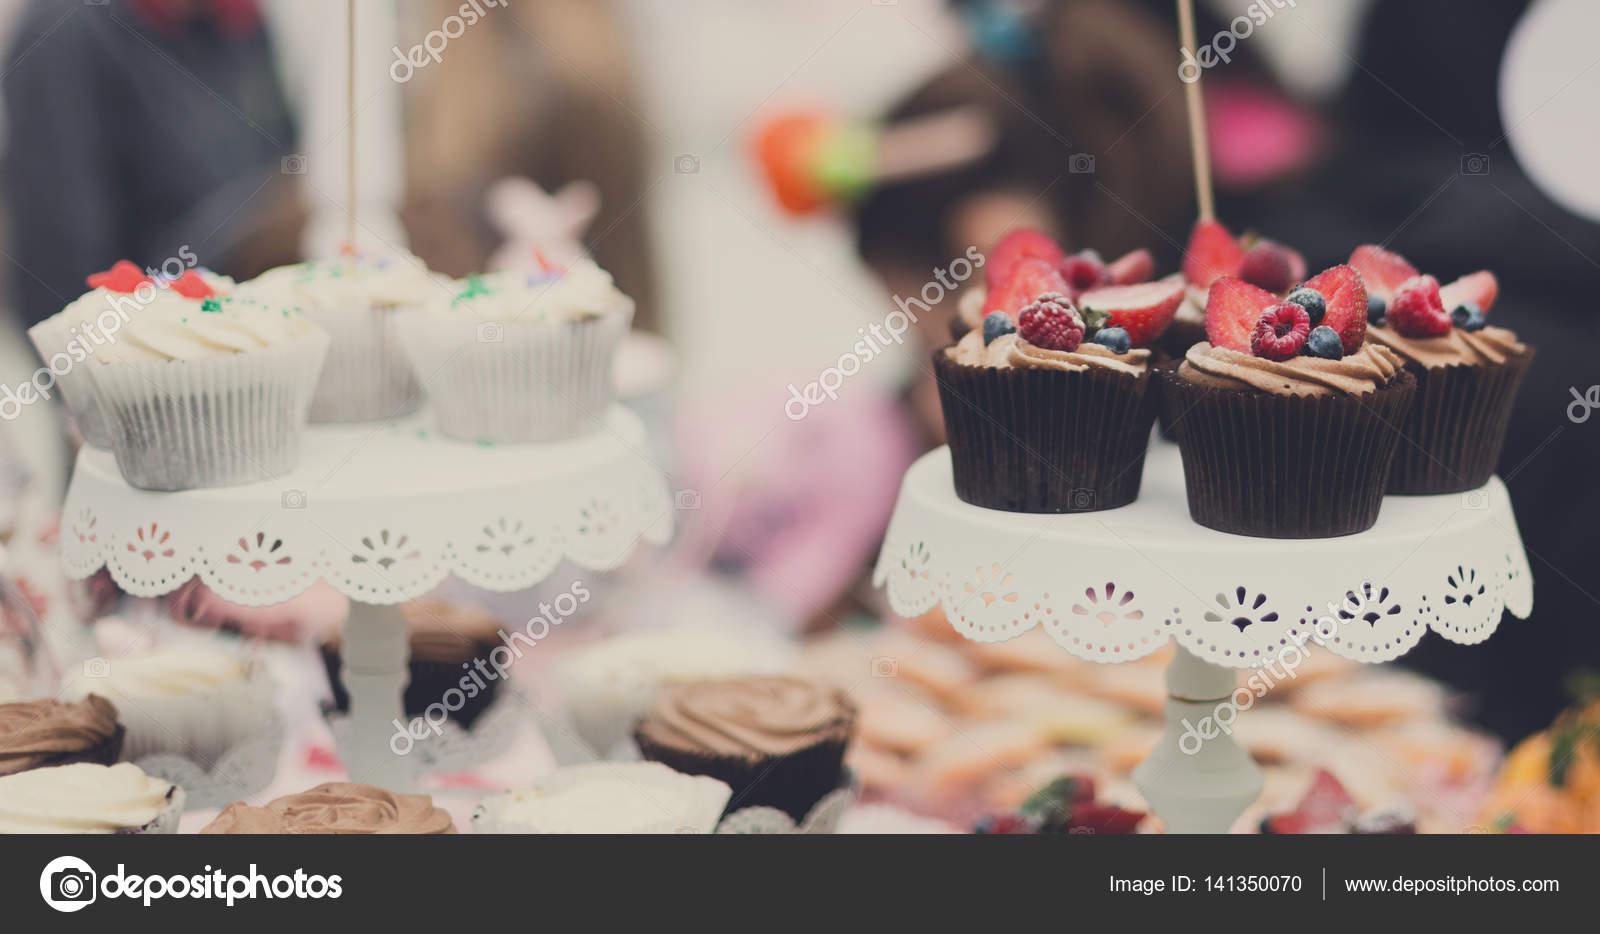 Schonen Cupcakes Mit Beeren Closeup Auf Festtafel Stockfoto